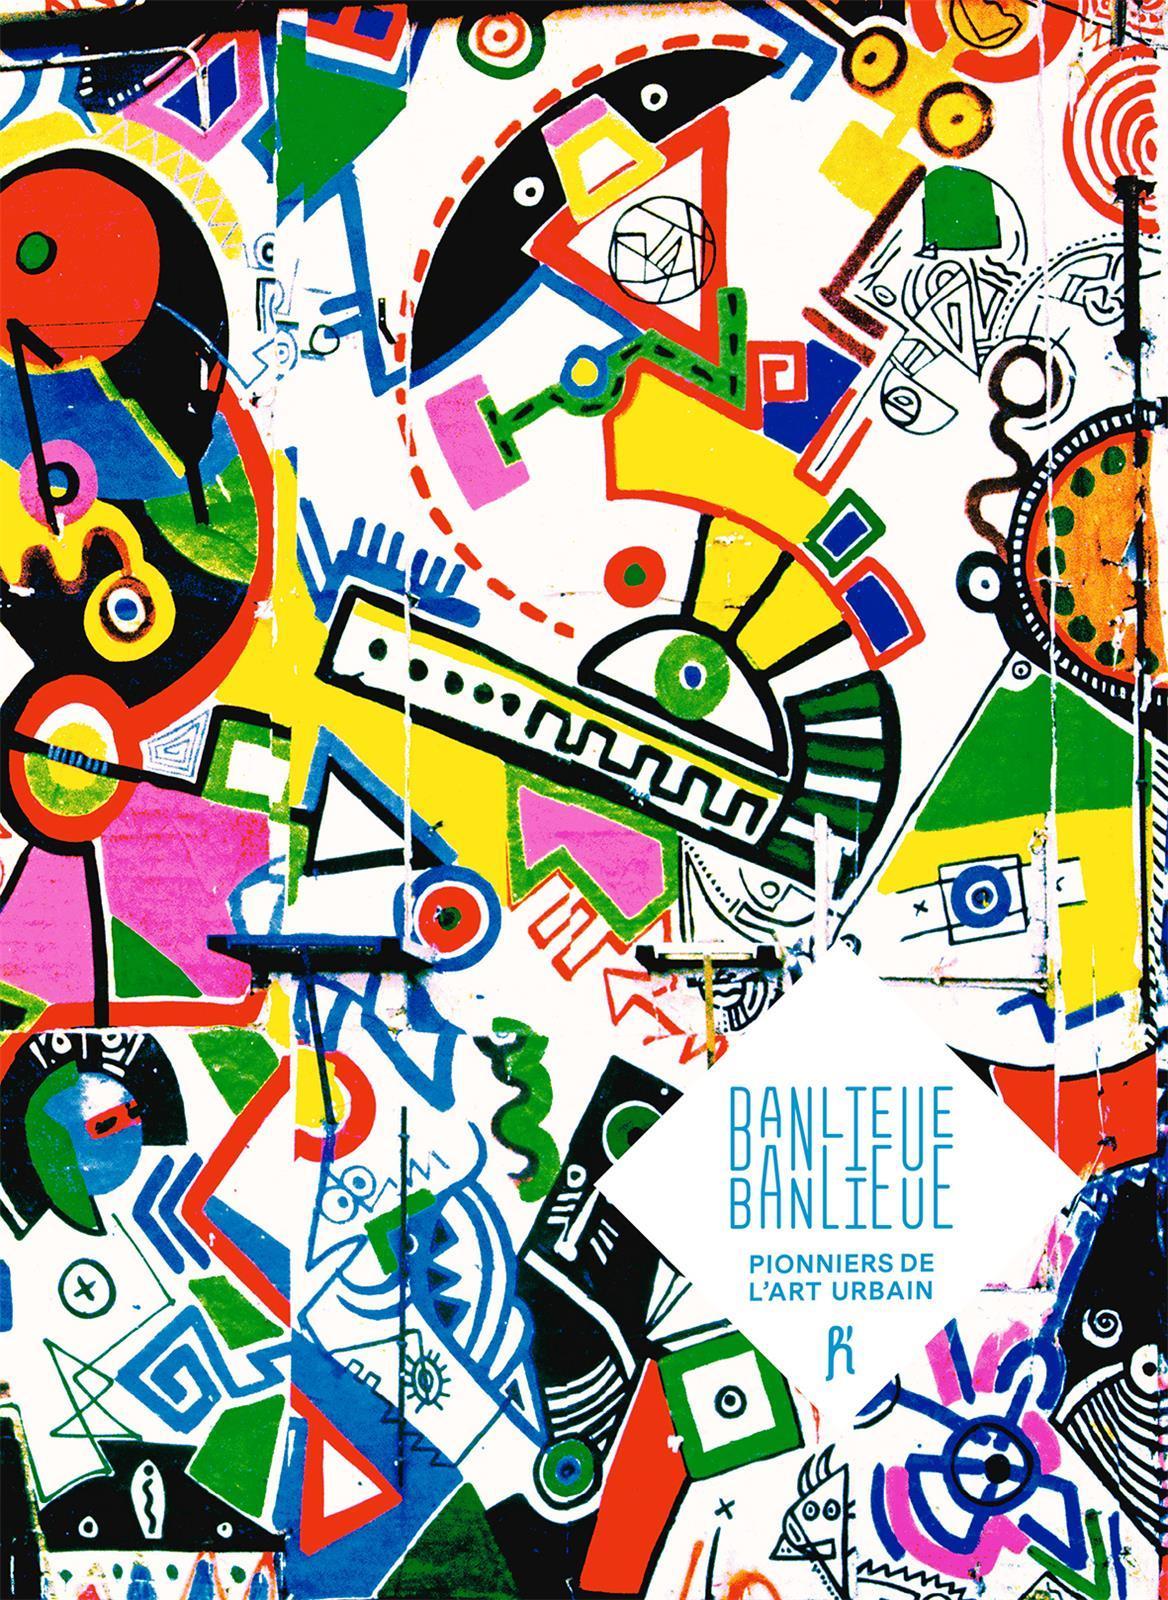 BANLIEUE-BANLIEUE, PIONNIERS DE L'ART URBAIN /FRANCAIS